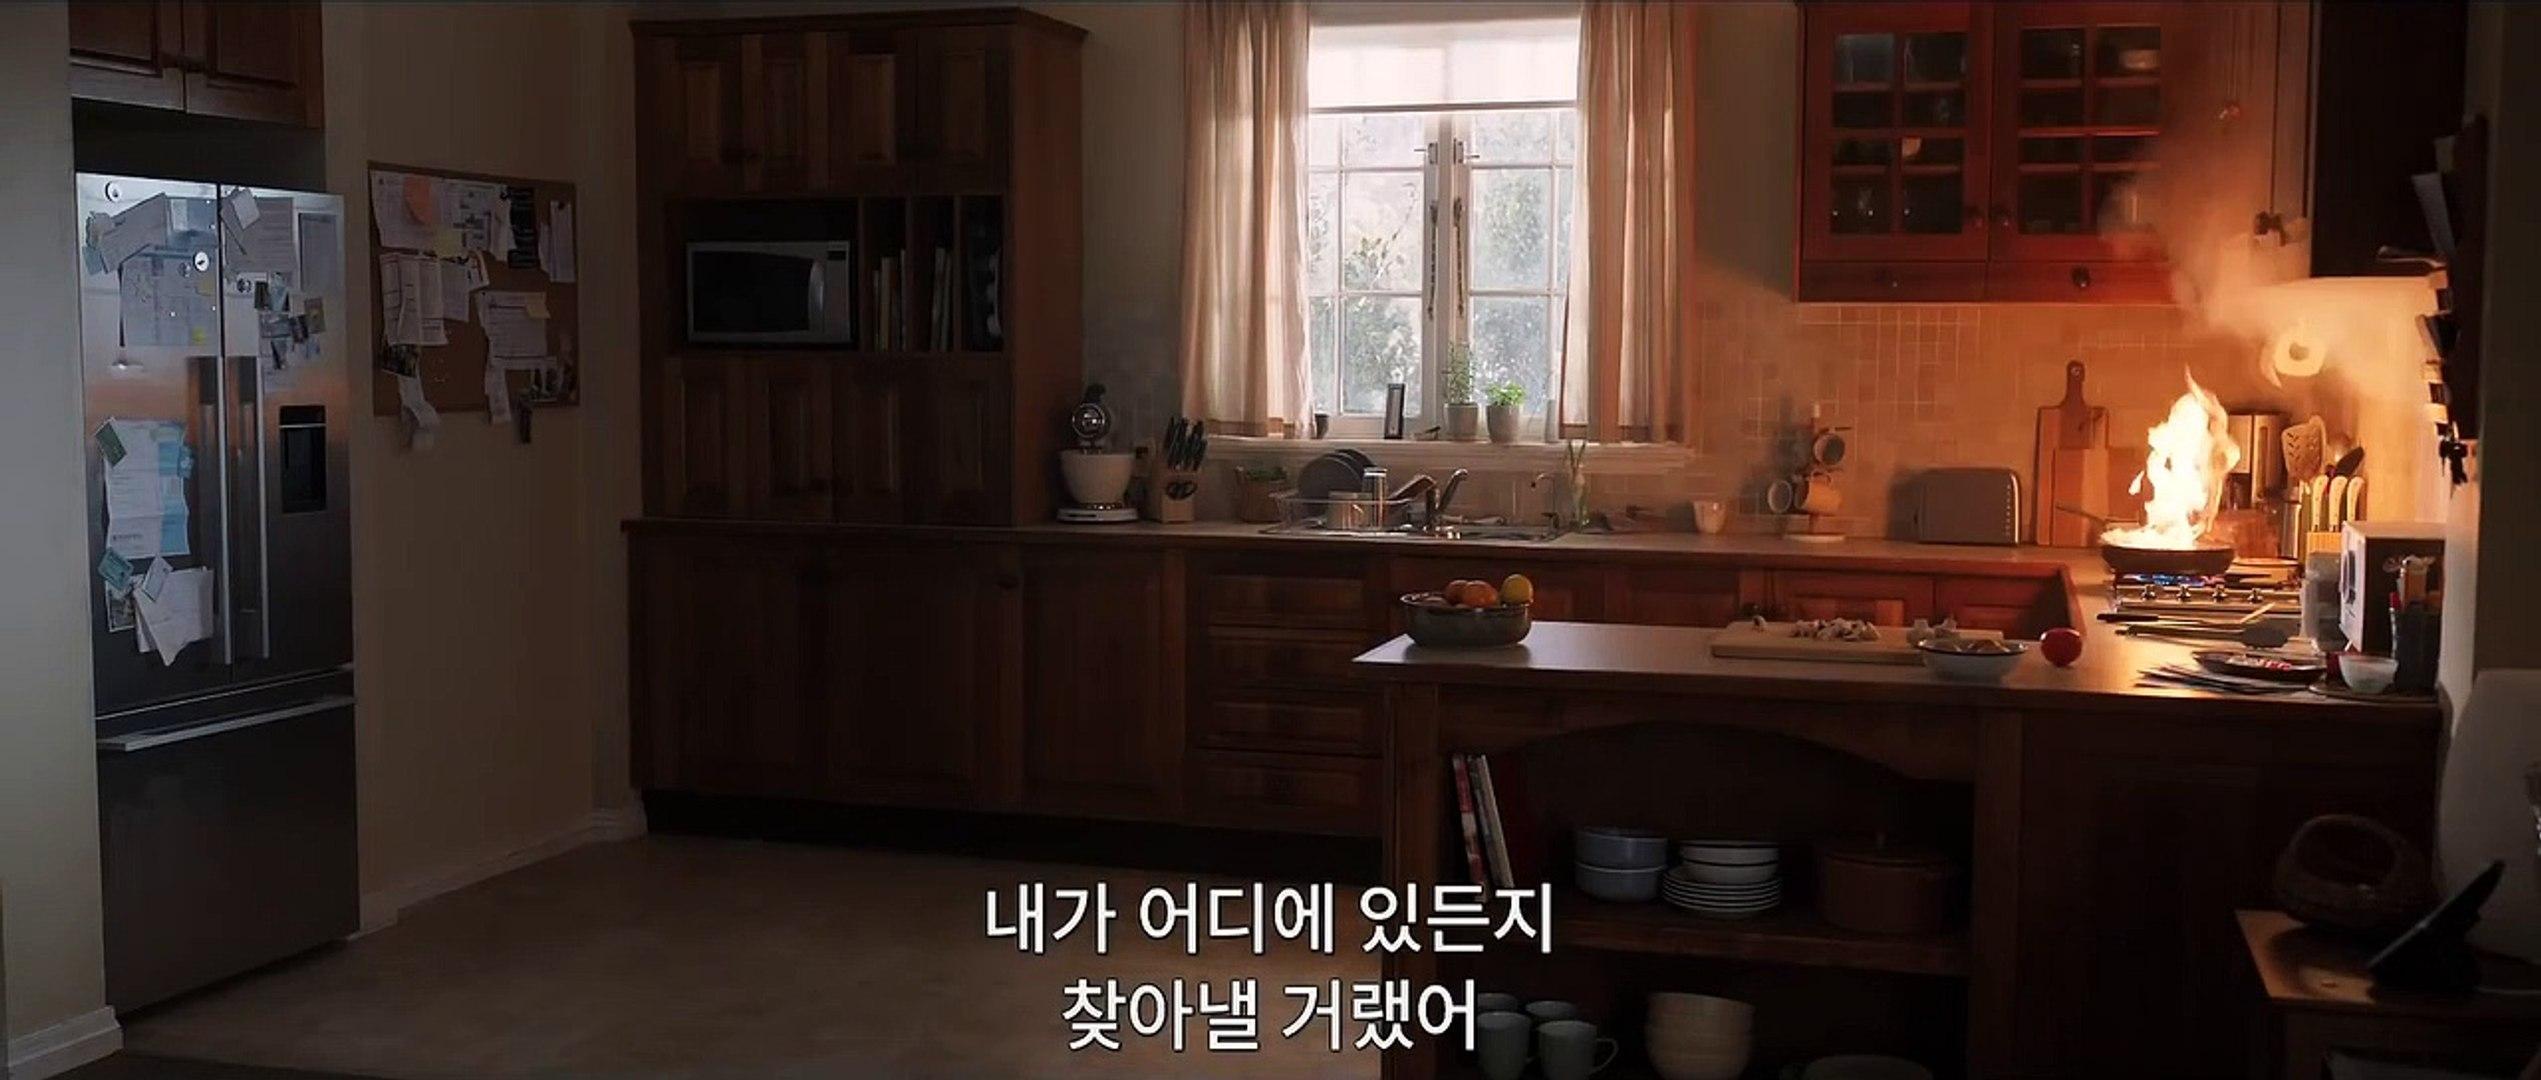 영화 [인비저블맨] 메인 예고편